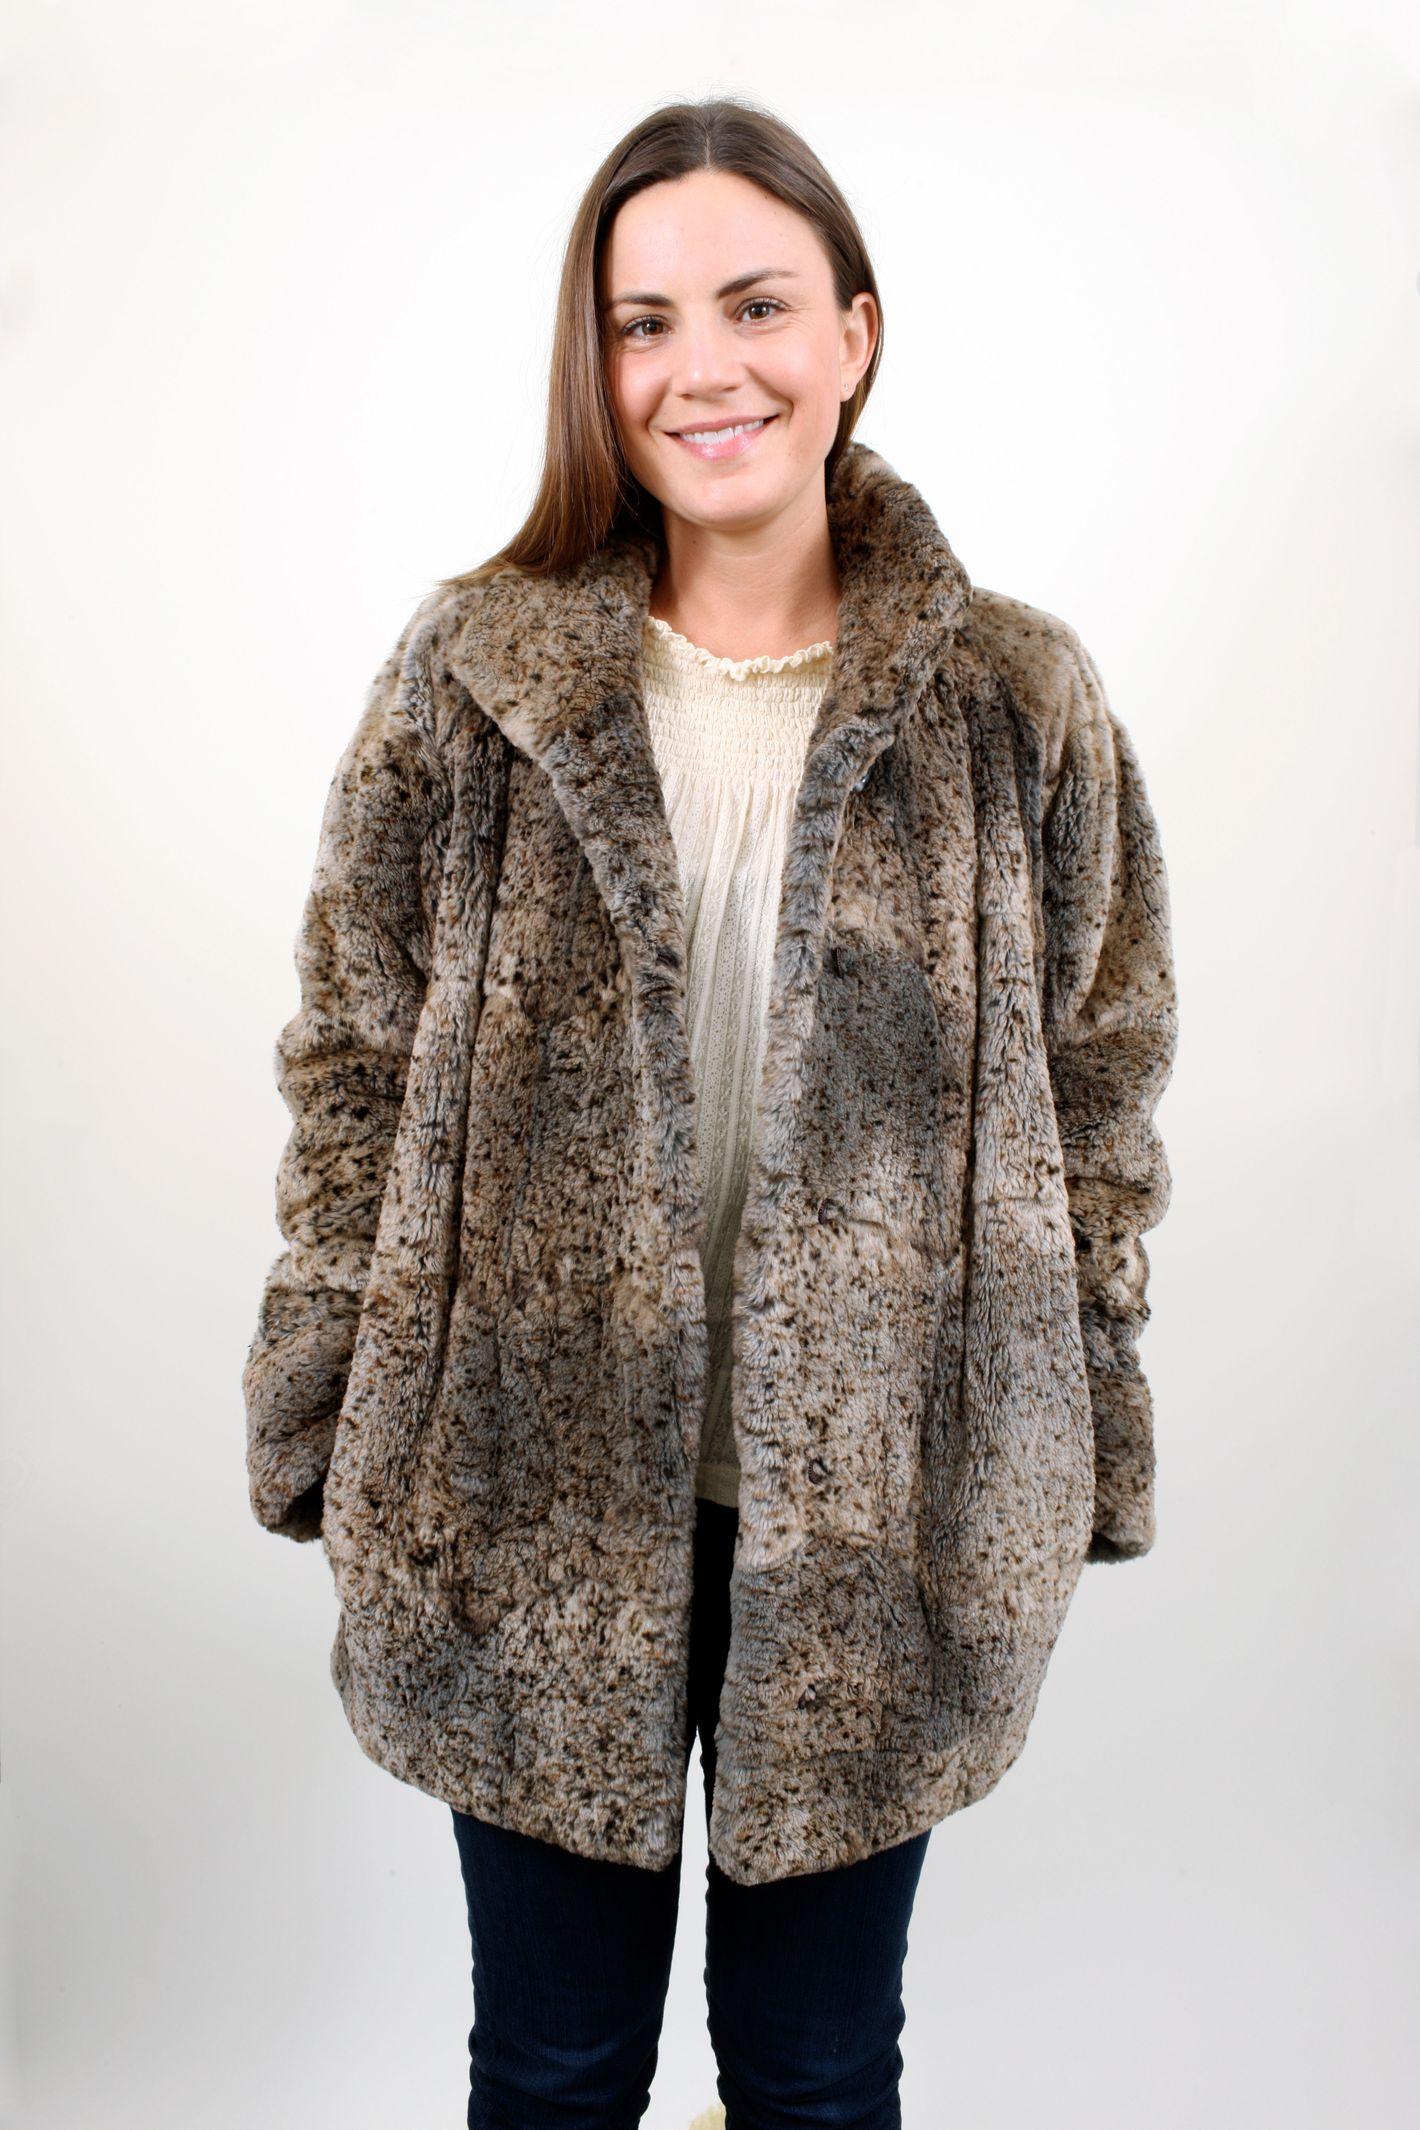 Closet Case Study: The Fur Coat Revamp